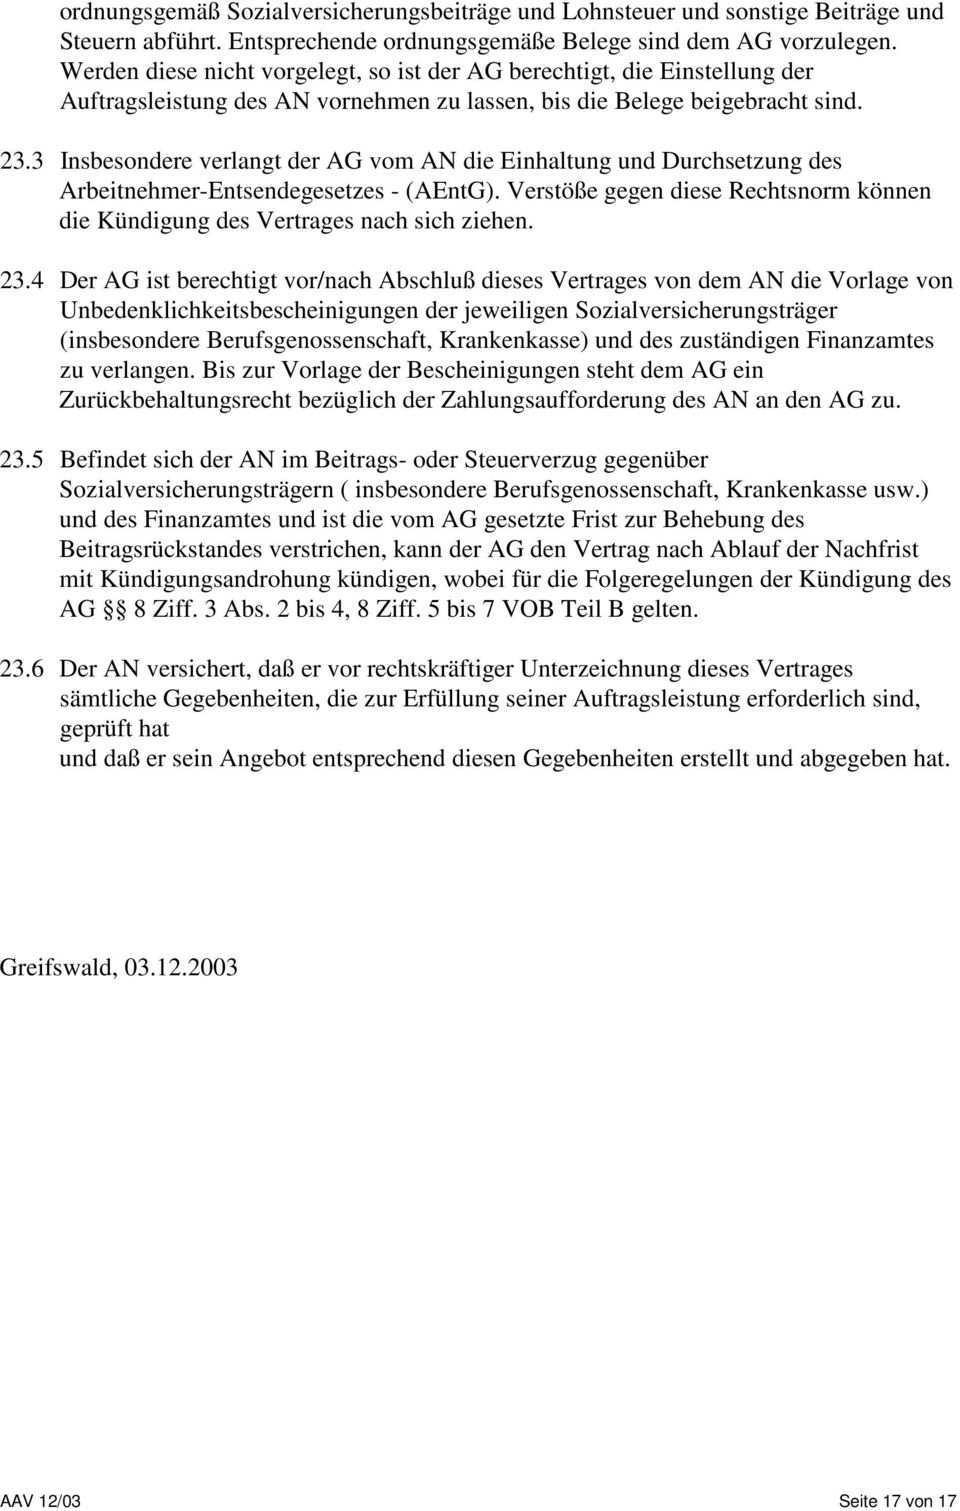 Allgemeine Angebots Und Vertragsbedingungen Aav 12 03 Fur Nachunternehmervertrage Der Irb Iso Rust Bau Gmbh Sudring In Lubmin Pdf Kostenfreier Download